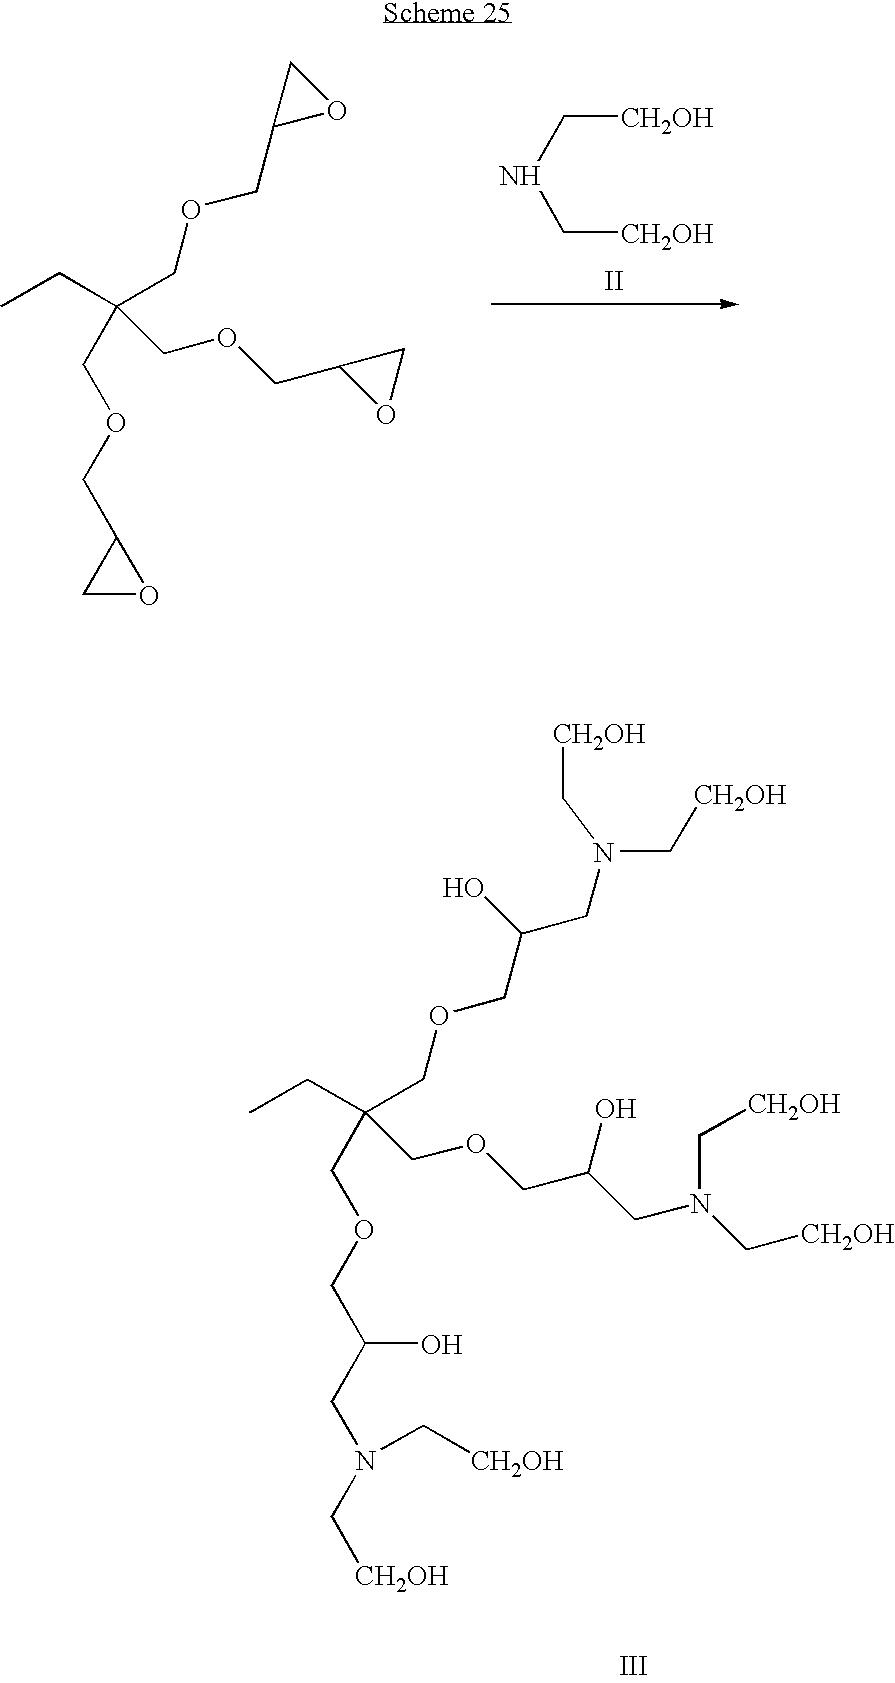 Figure US07985424-20110726-C00046